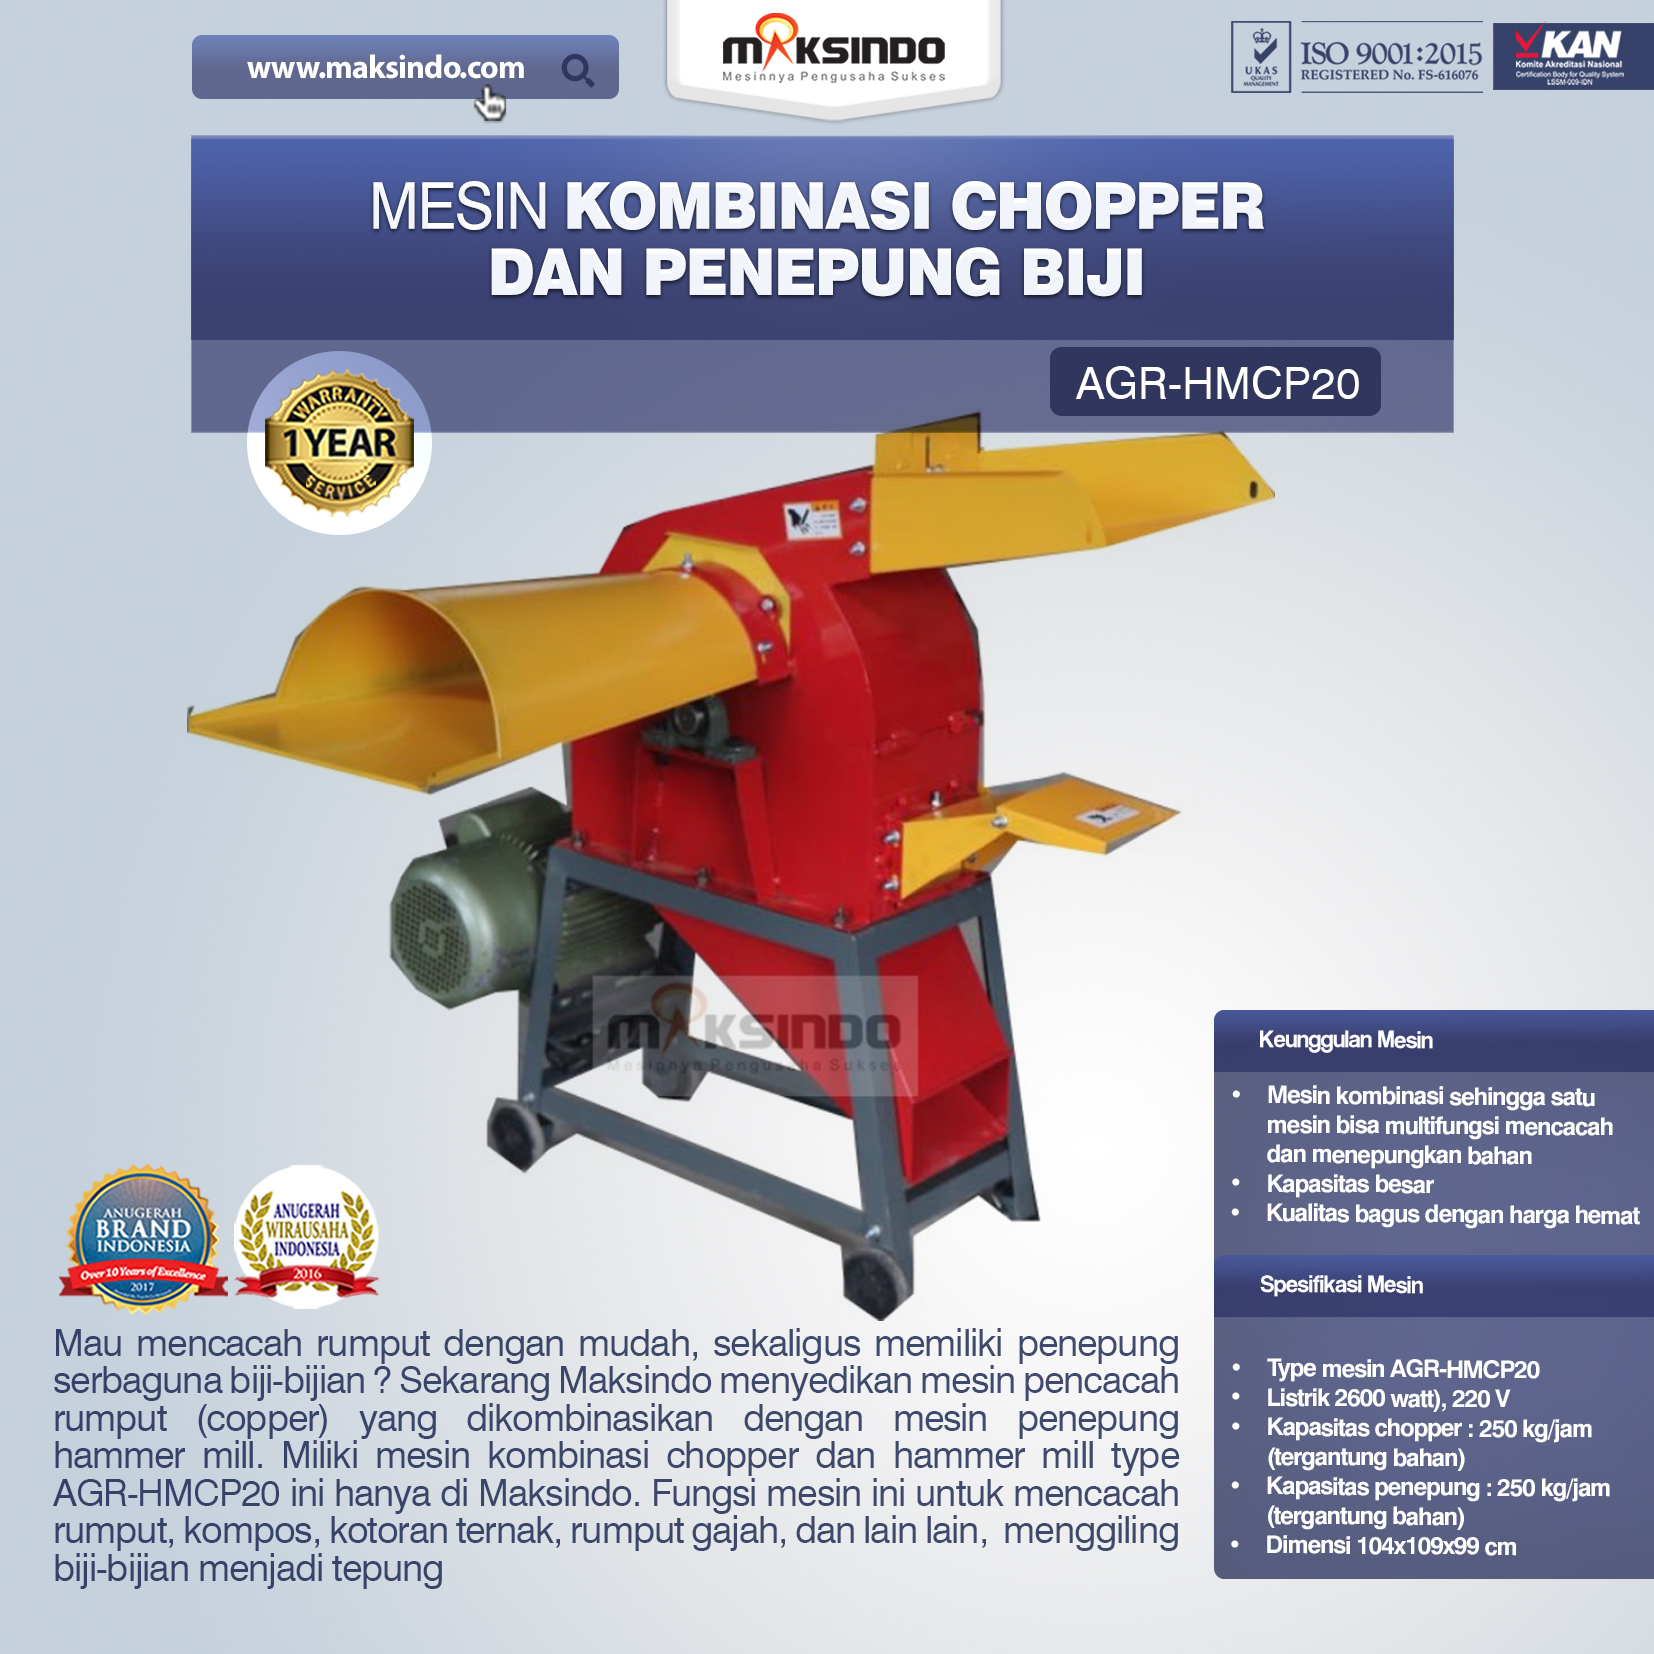 Jual Mesin Kombinasi Chopper dan Penepung Biji (HMCP20) di Bandung